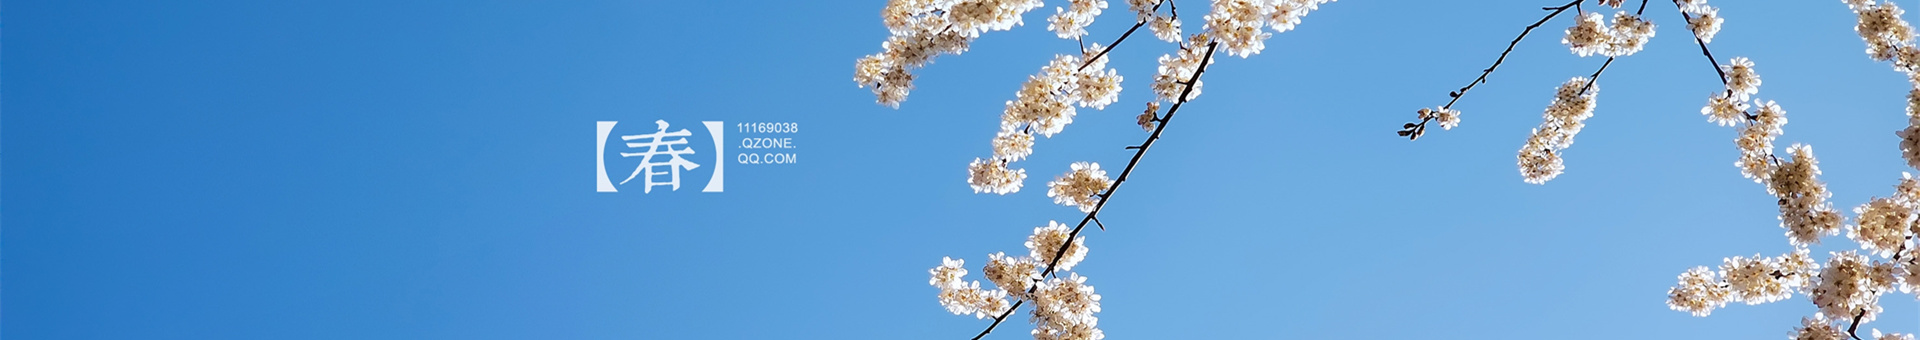 【春风】+樱桃花开